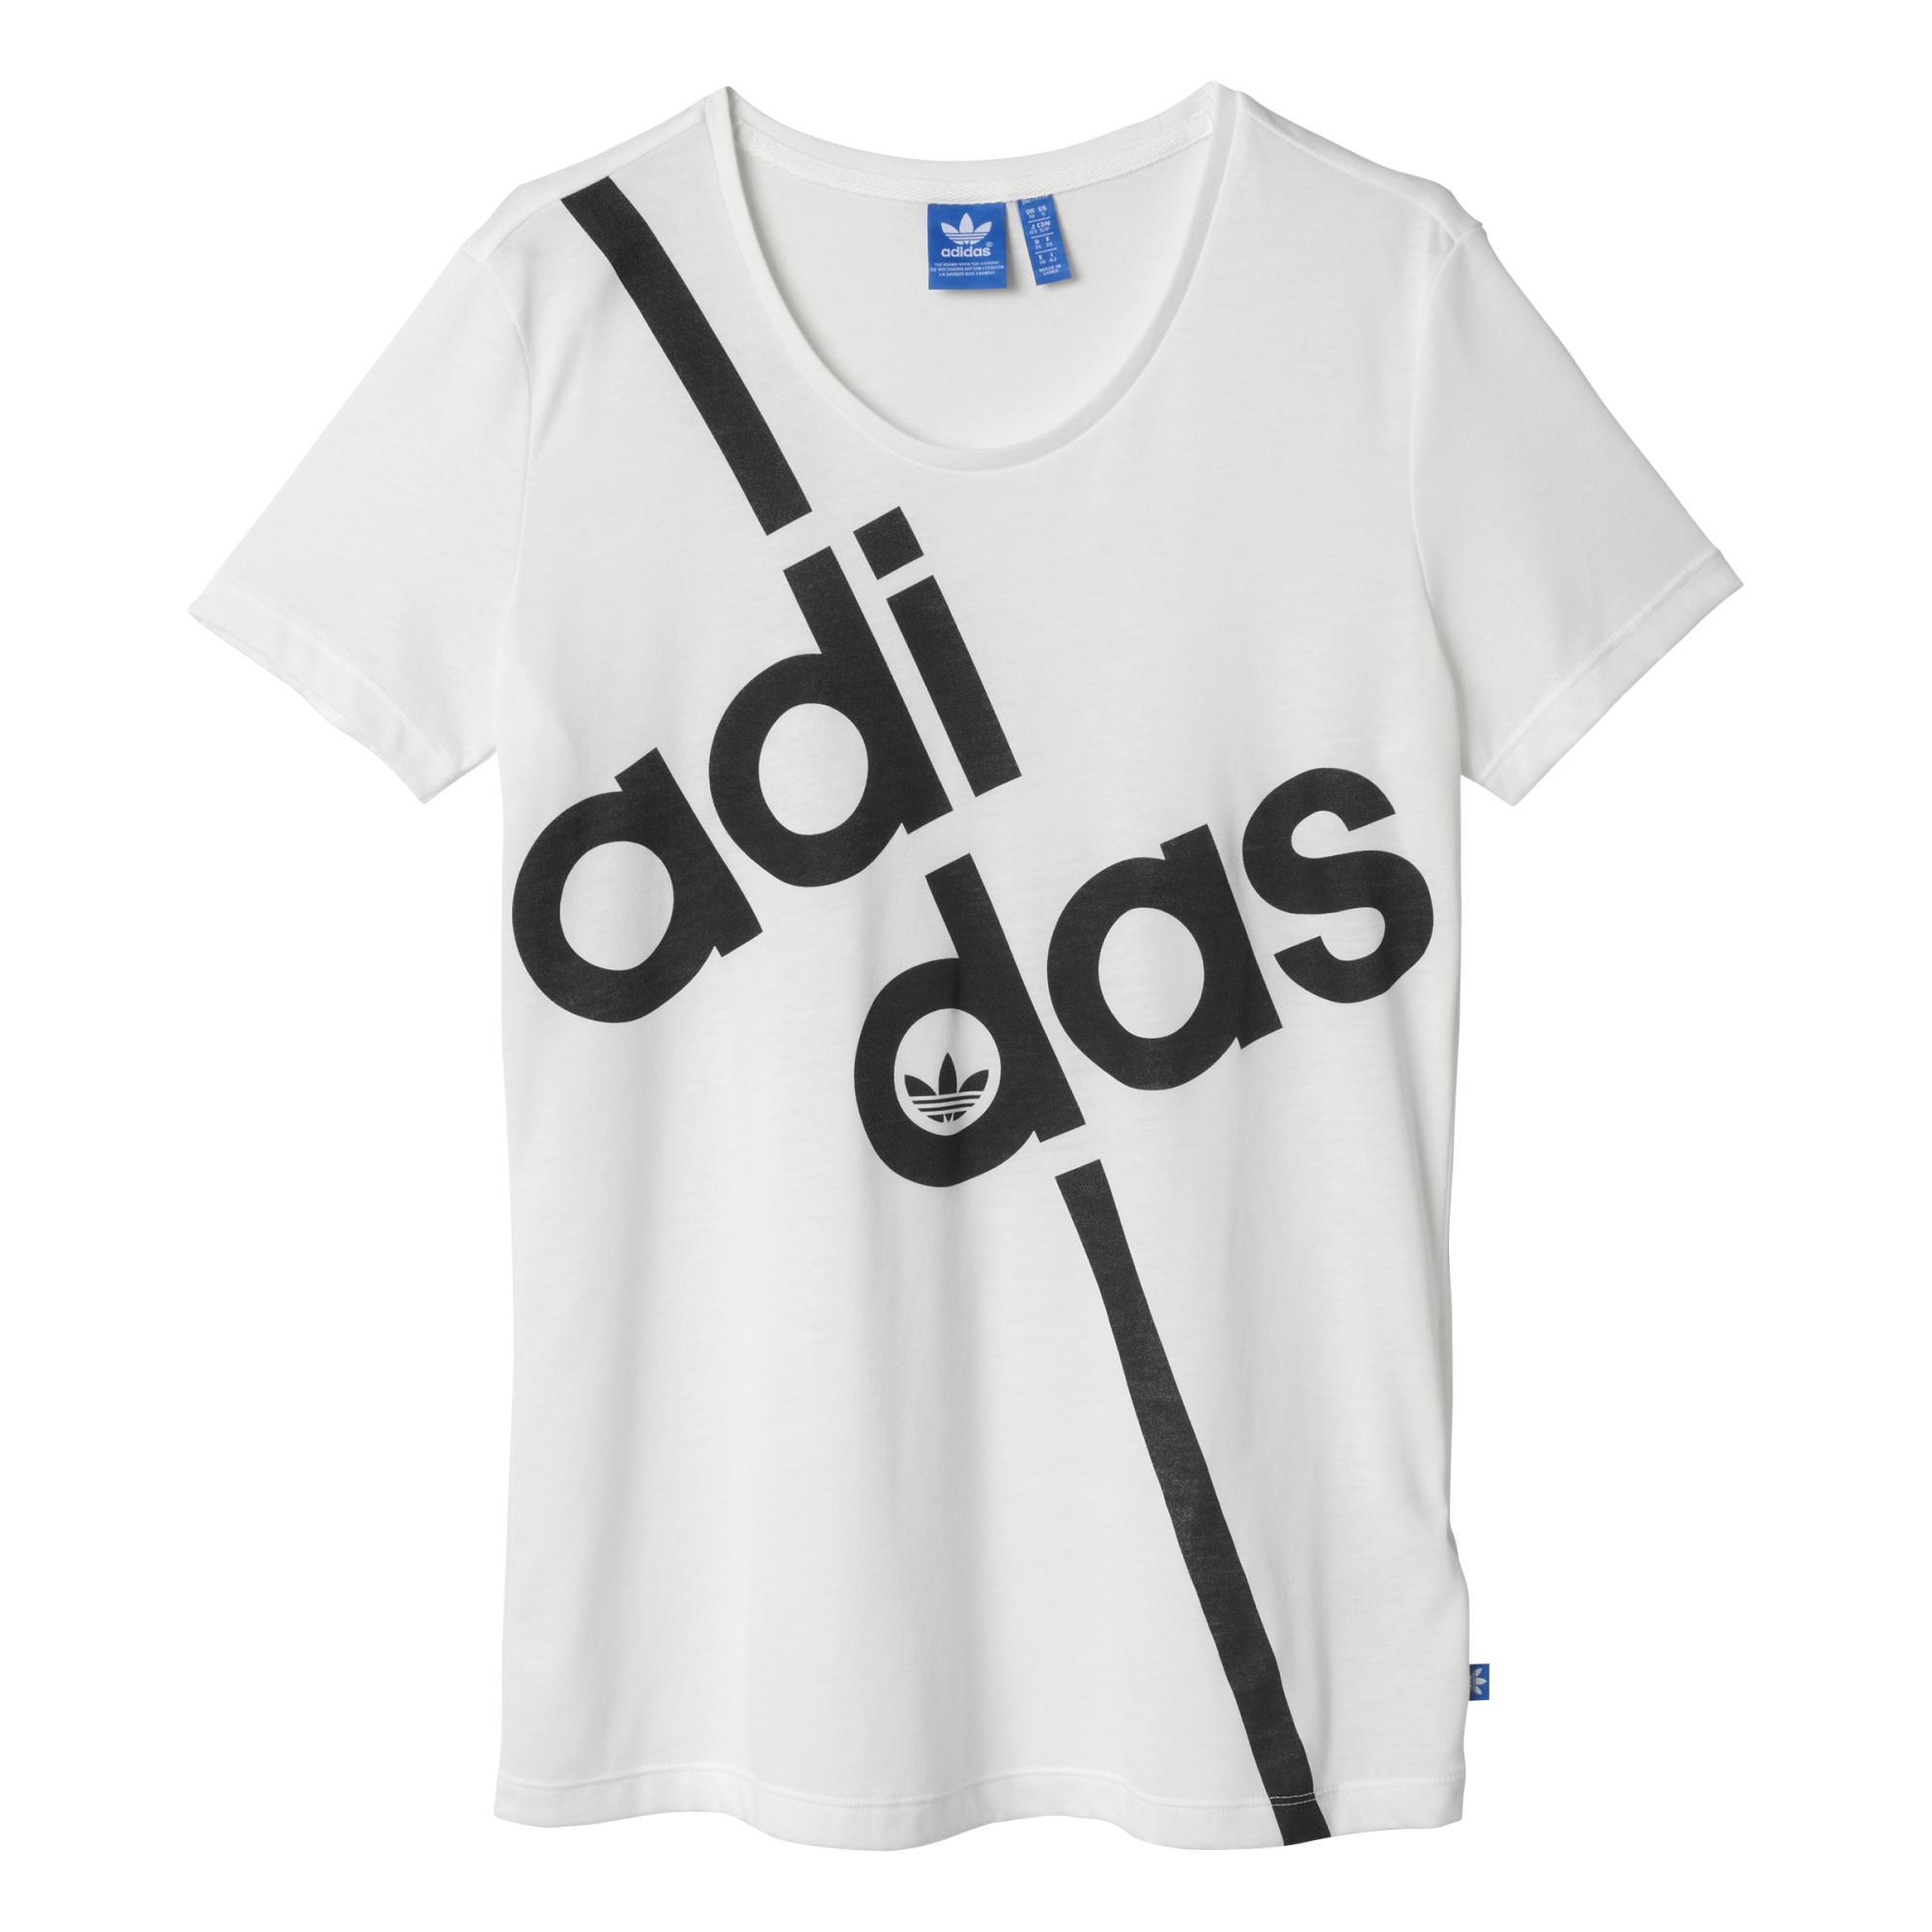 8e517fd51e0 Adidas Originals Mujer Camiseta Superstar Linear (blanco)